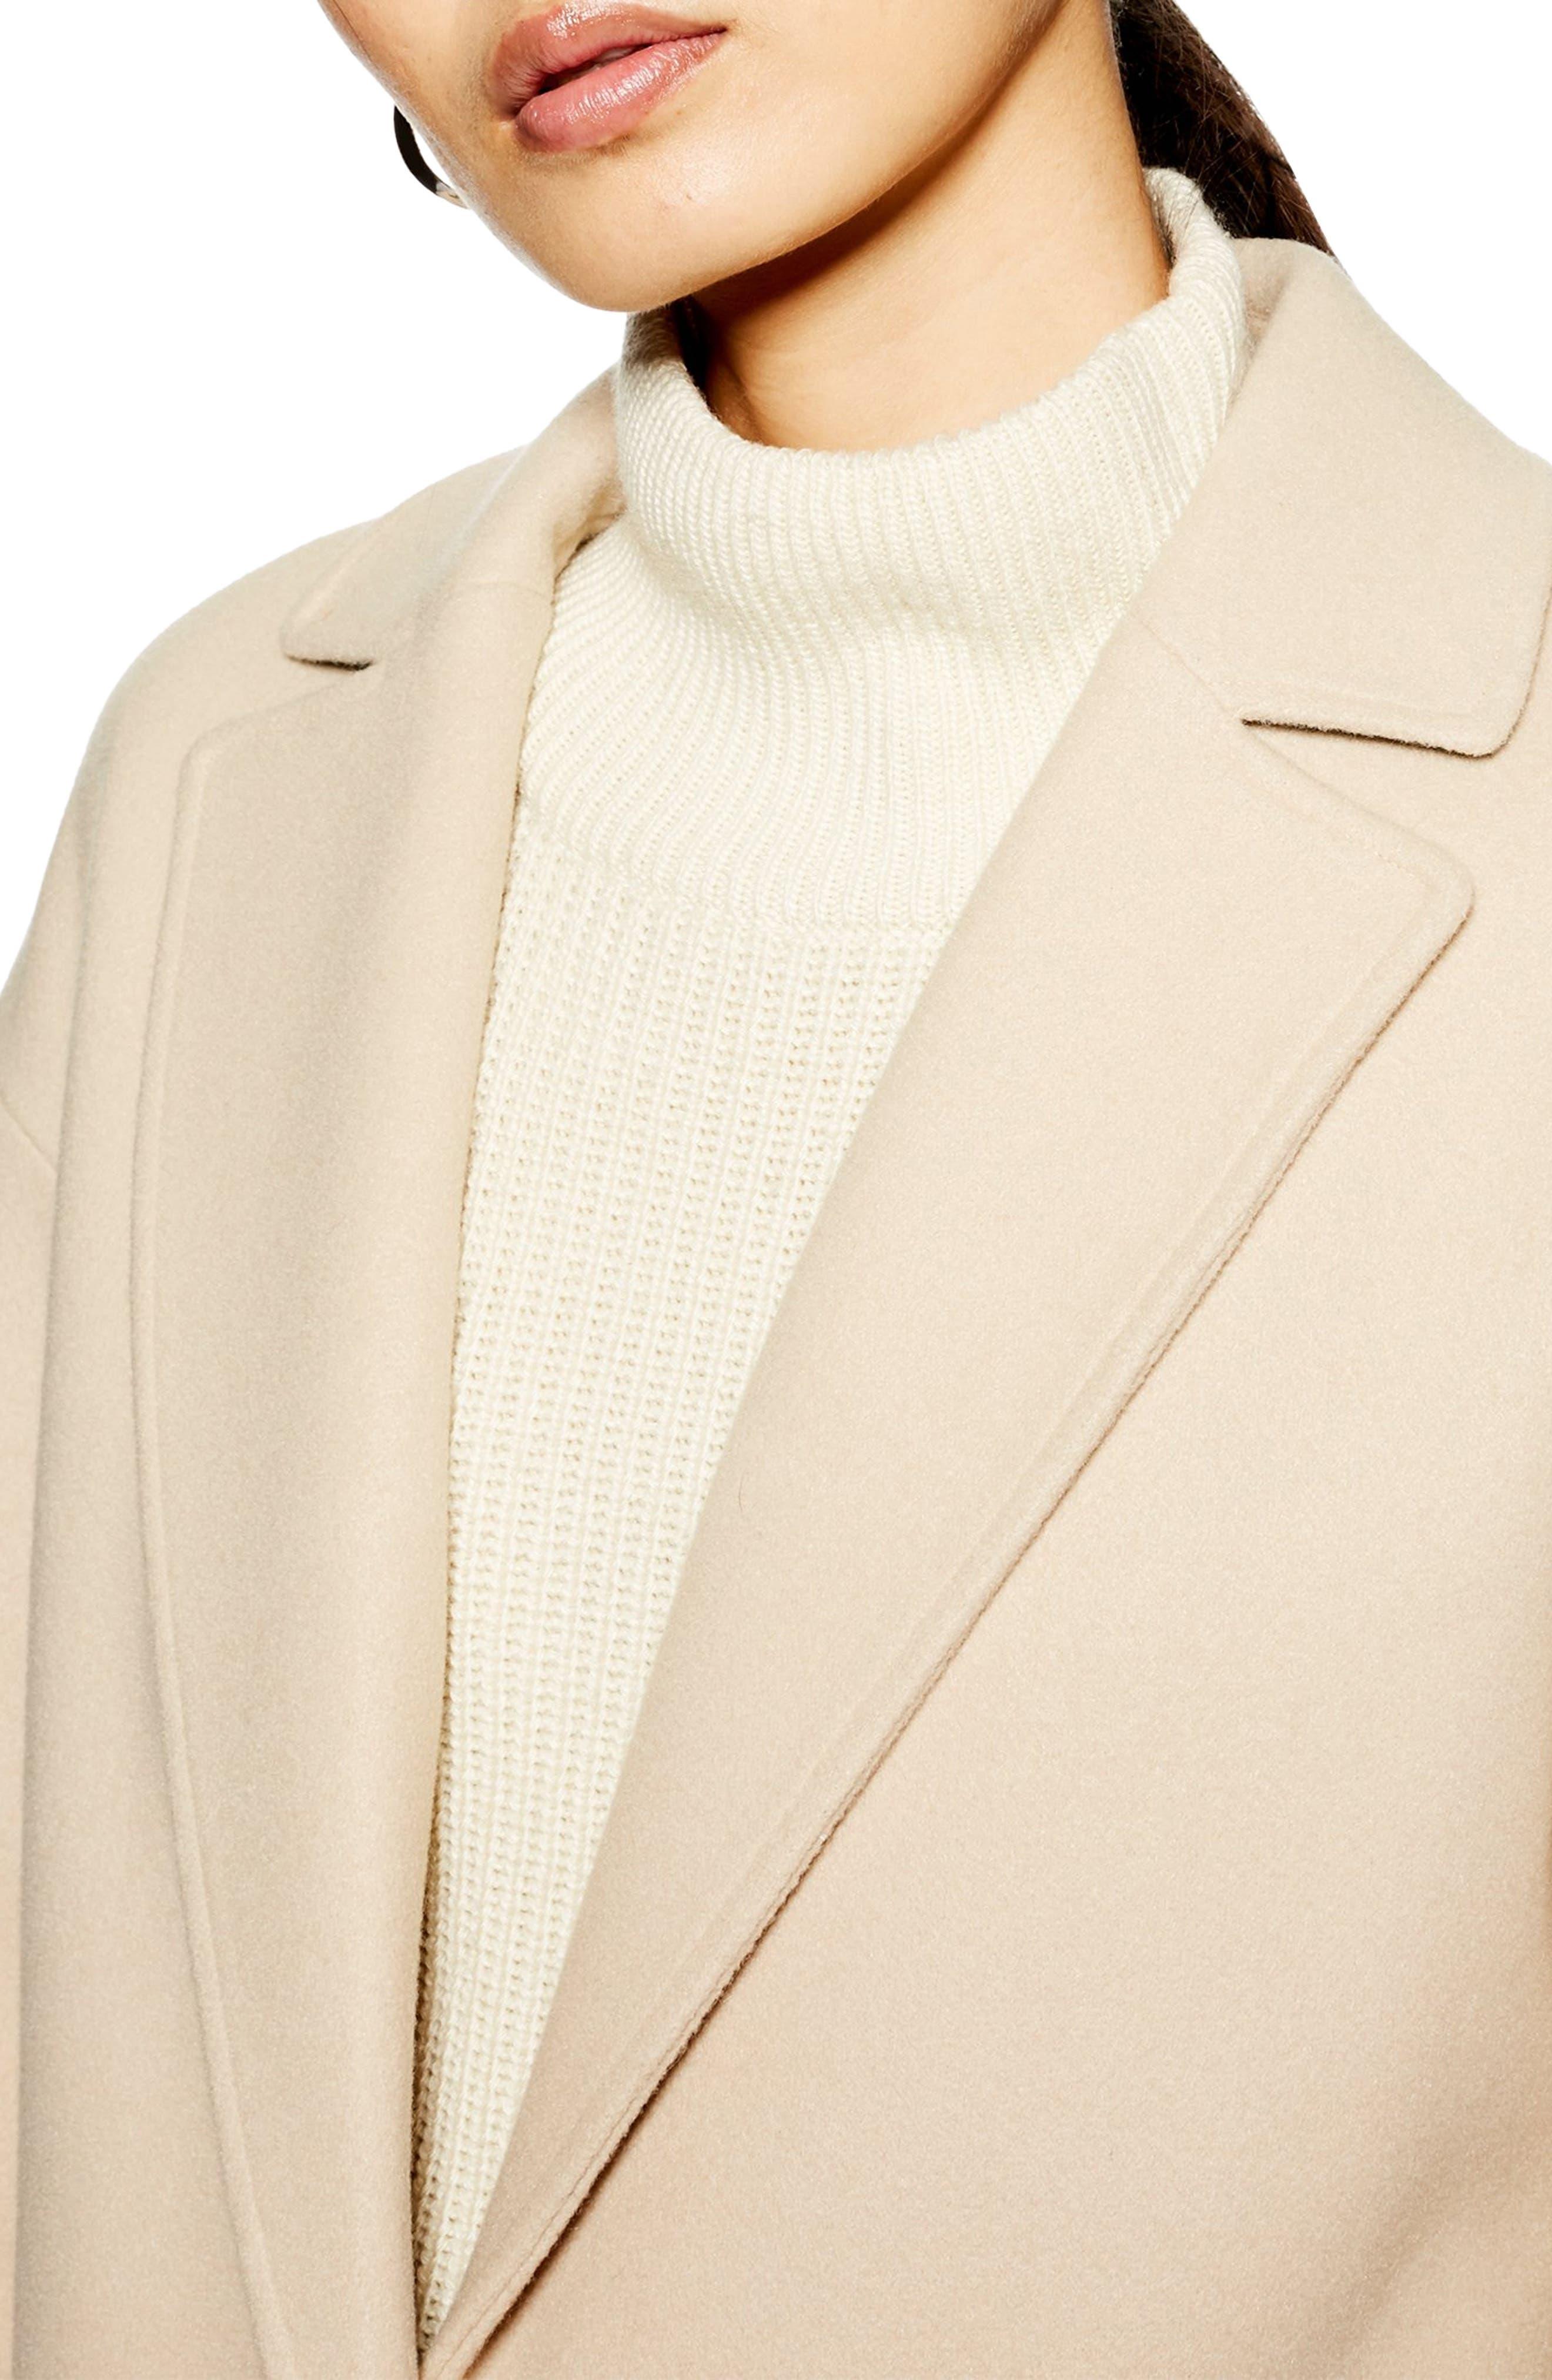 TOPSHOP, Lily Knit Back Midi Coat, Alternate thumbnail 4, color, 250